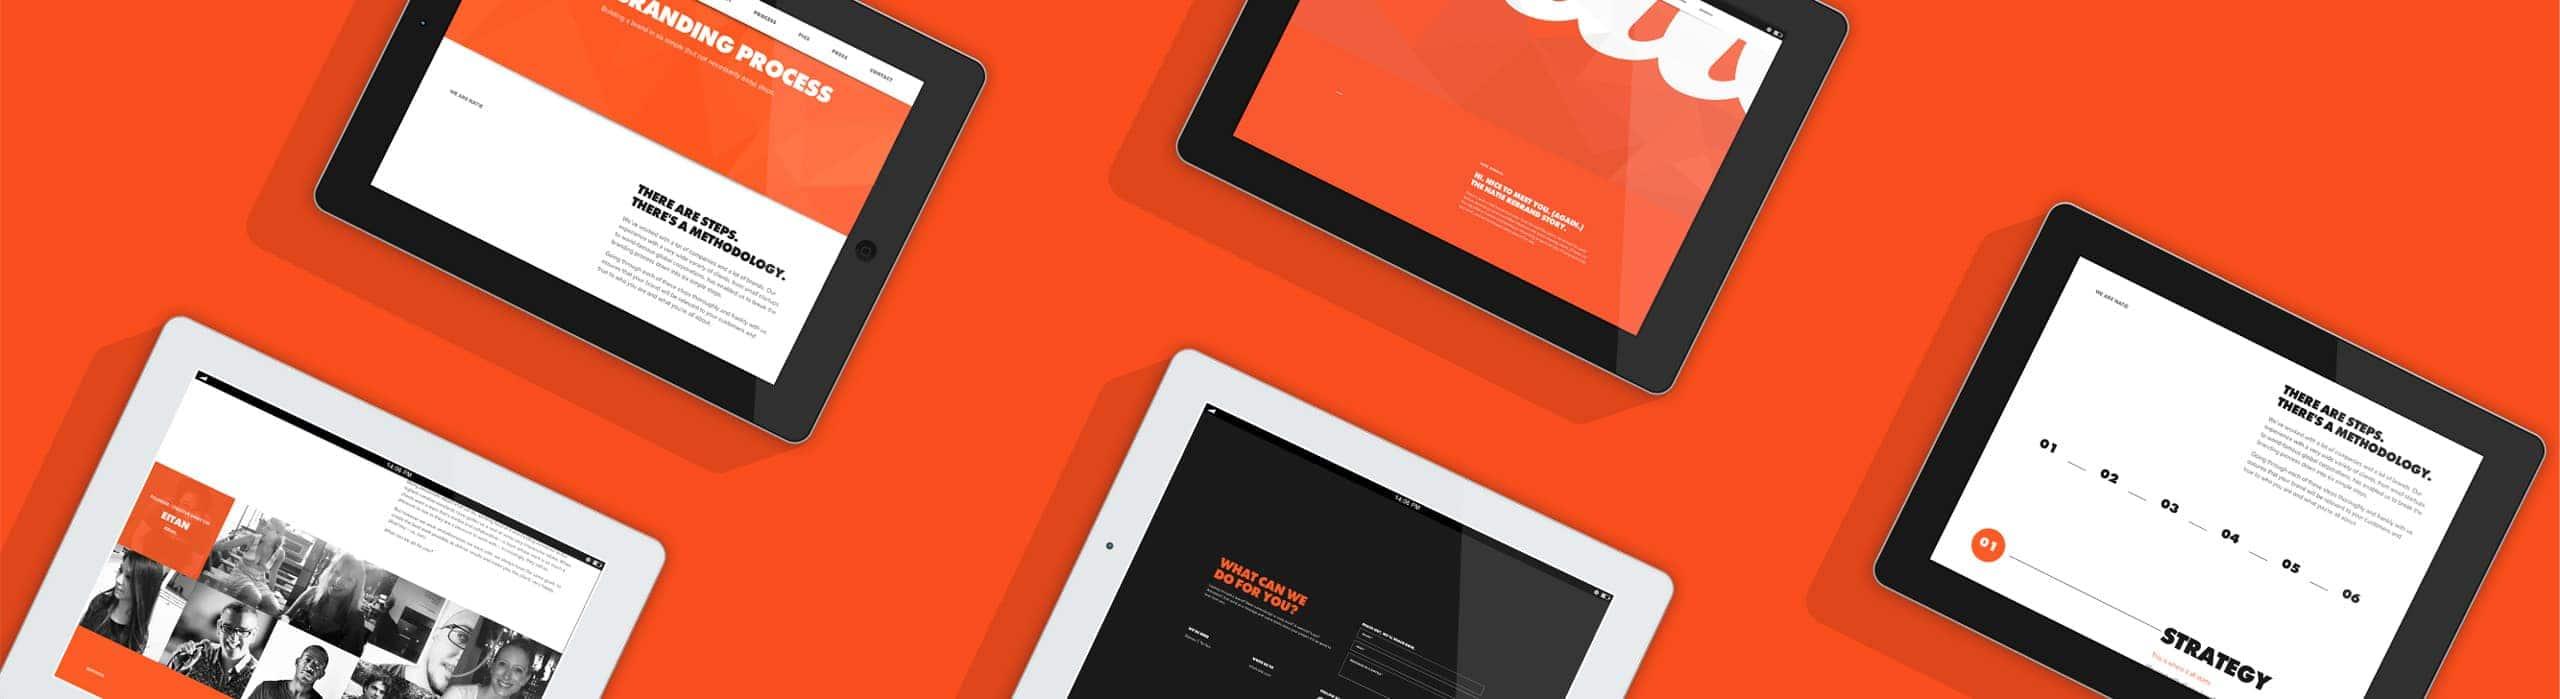 Natie - natie-rebrand-website - Natie Branding Agency